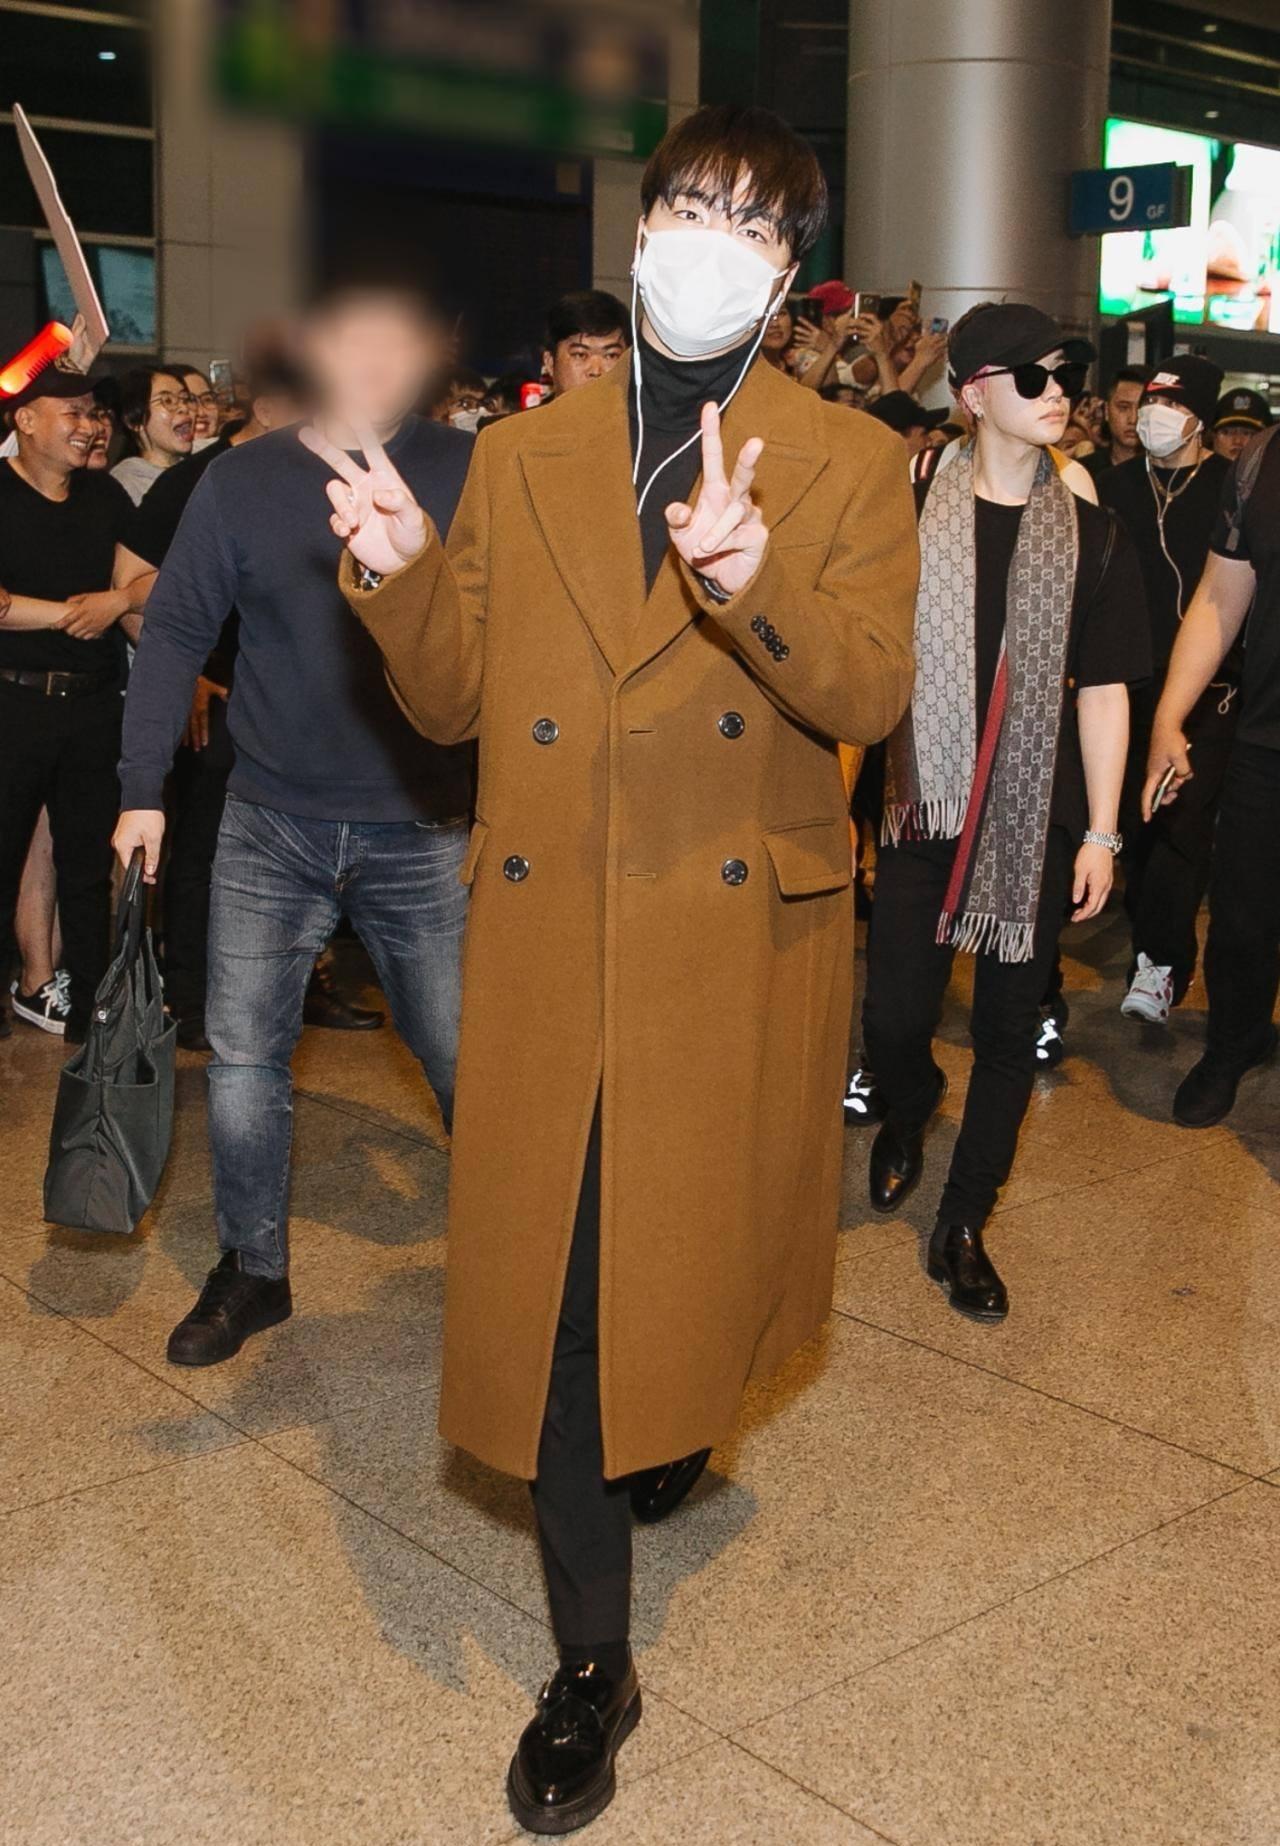 iKON xuất hiện chớp nhoáng tại sân bay Tân Sơn nhất, cực sang chảnh giữa biển người hâm mộ   - Ảnh 5